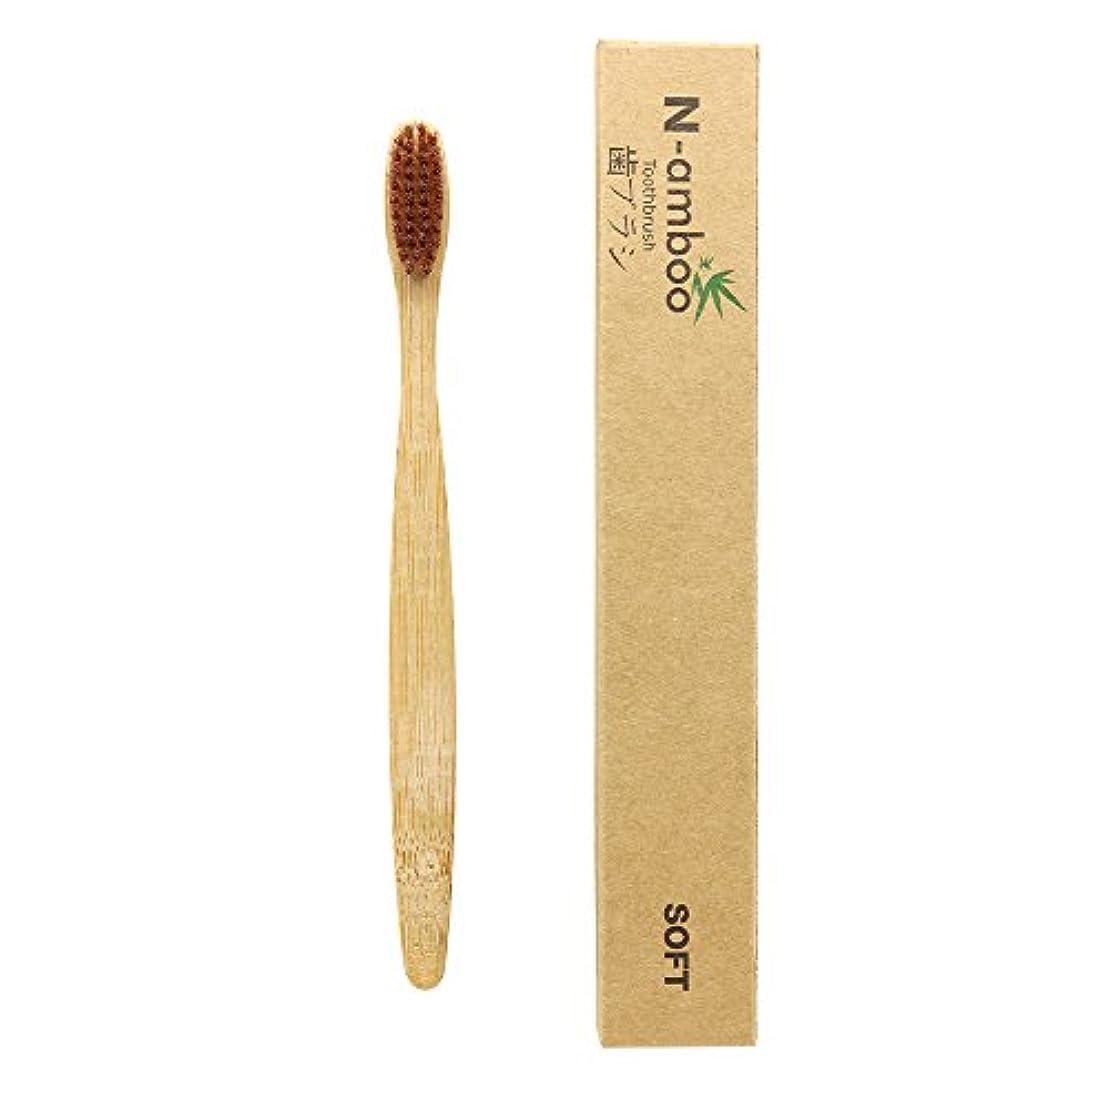 現金海港たまにN-amboo 竹製耐久度高い 歯ブラシ 茶褐色 1本入り